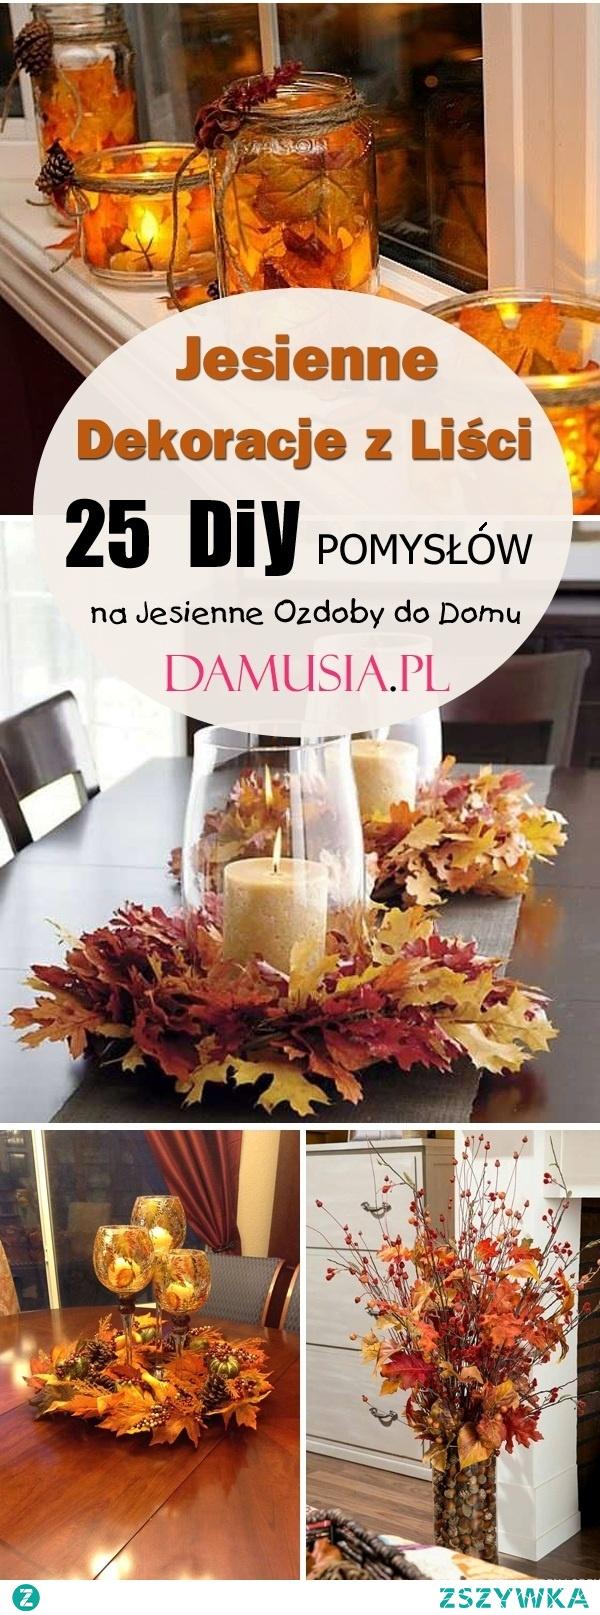 Jesienne Dekoracje z Liści: TOP 25 DIY Pomysłów na Jesienne Ozdoby do Domu